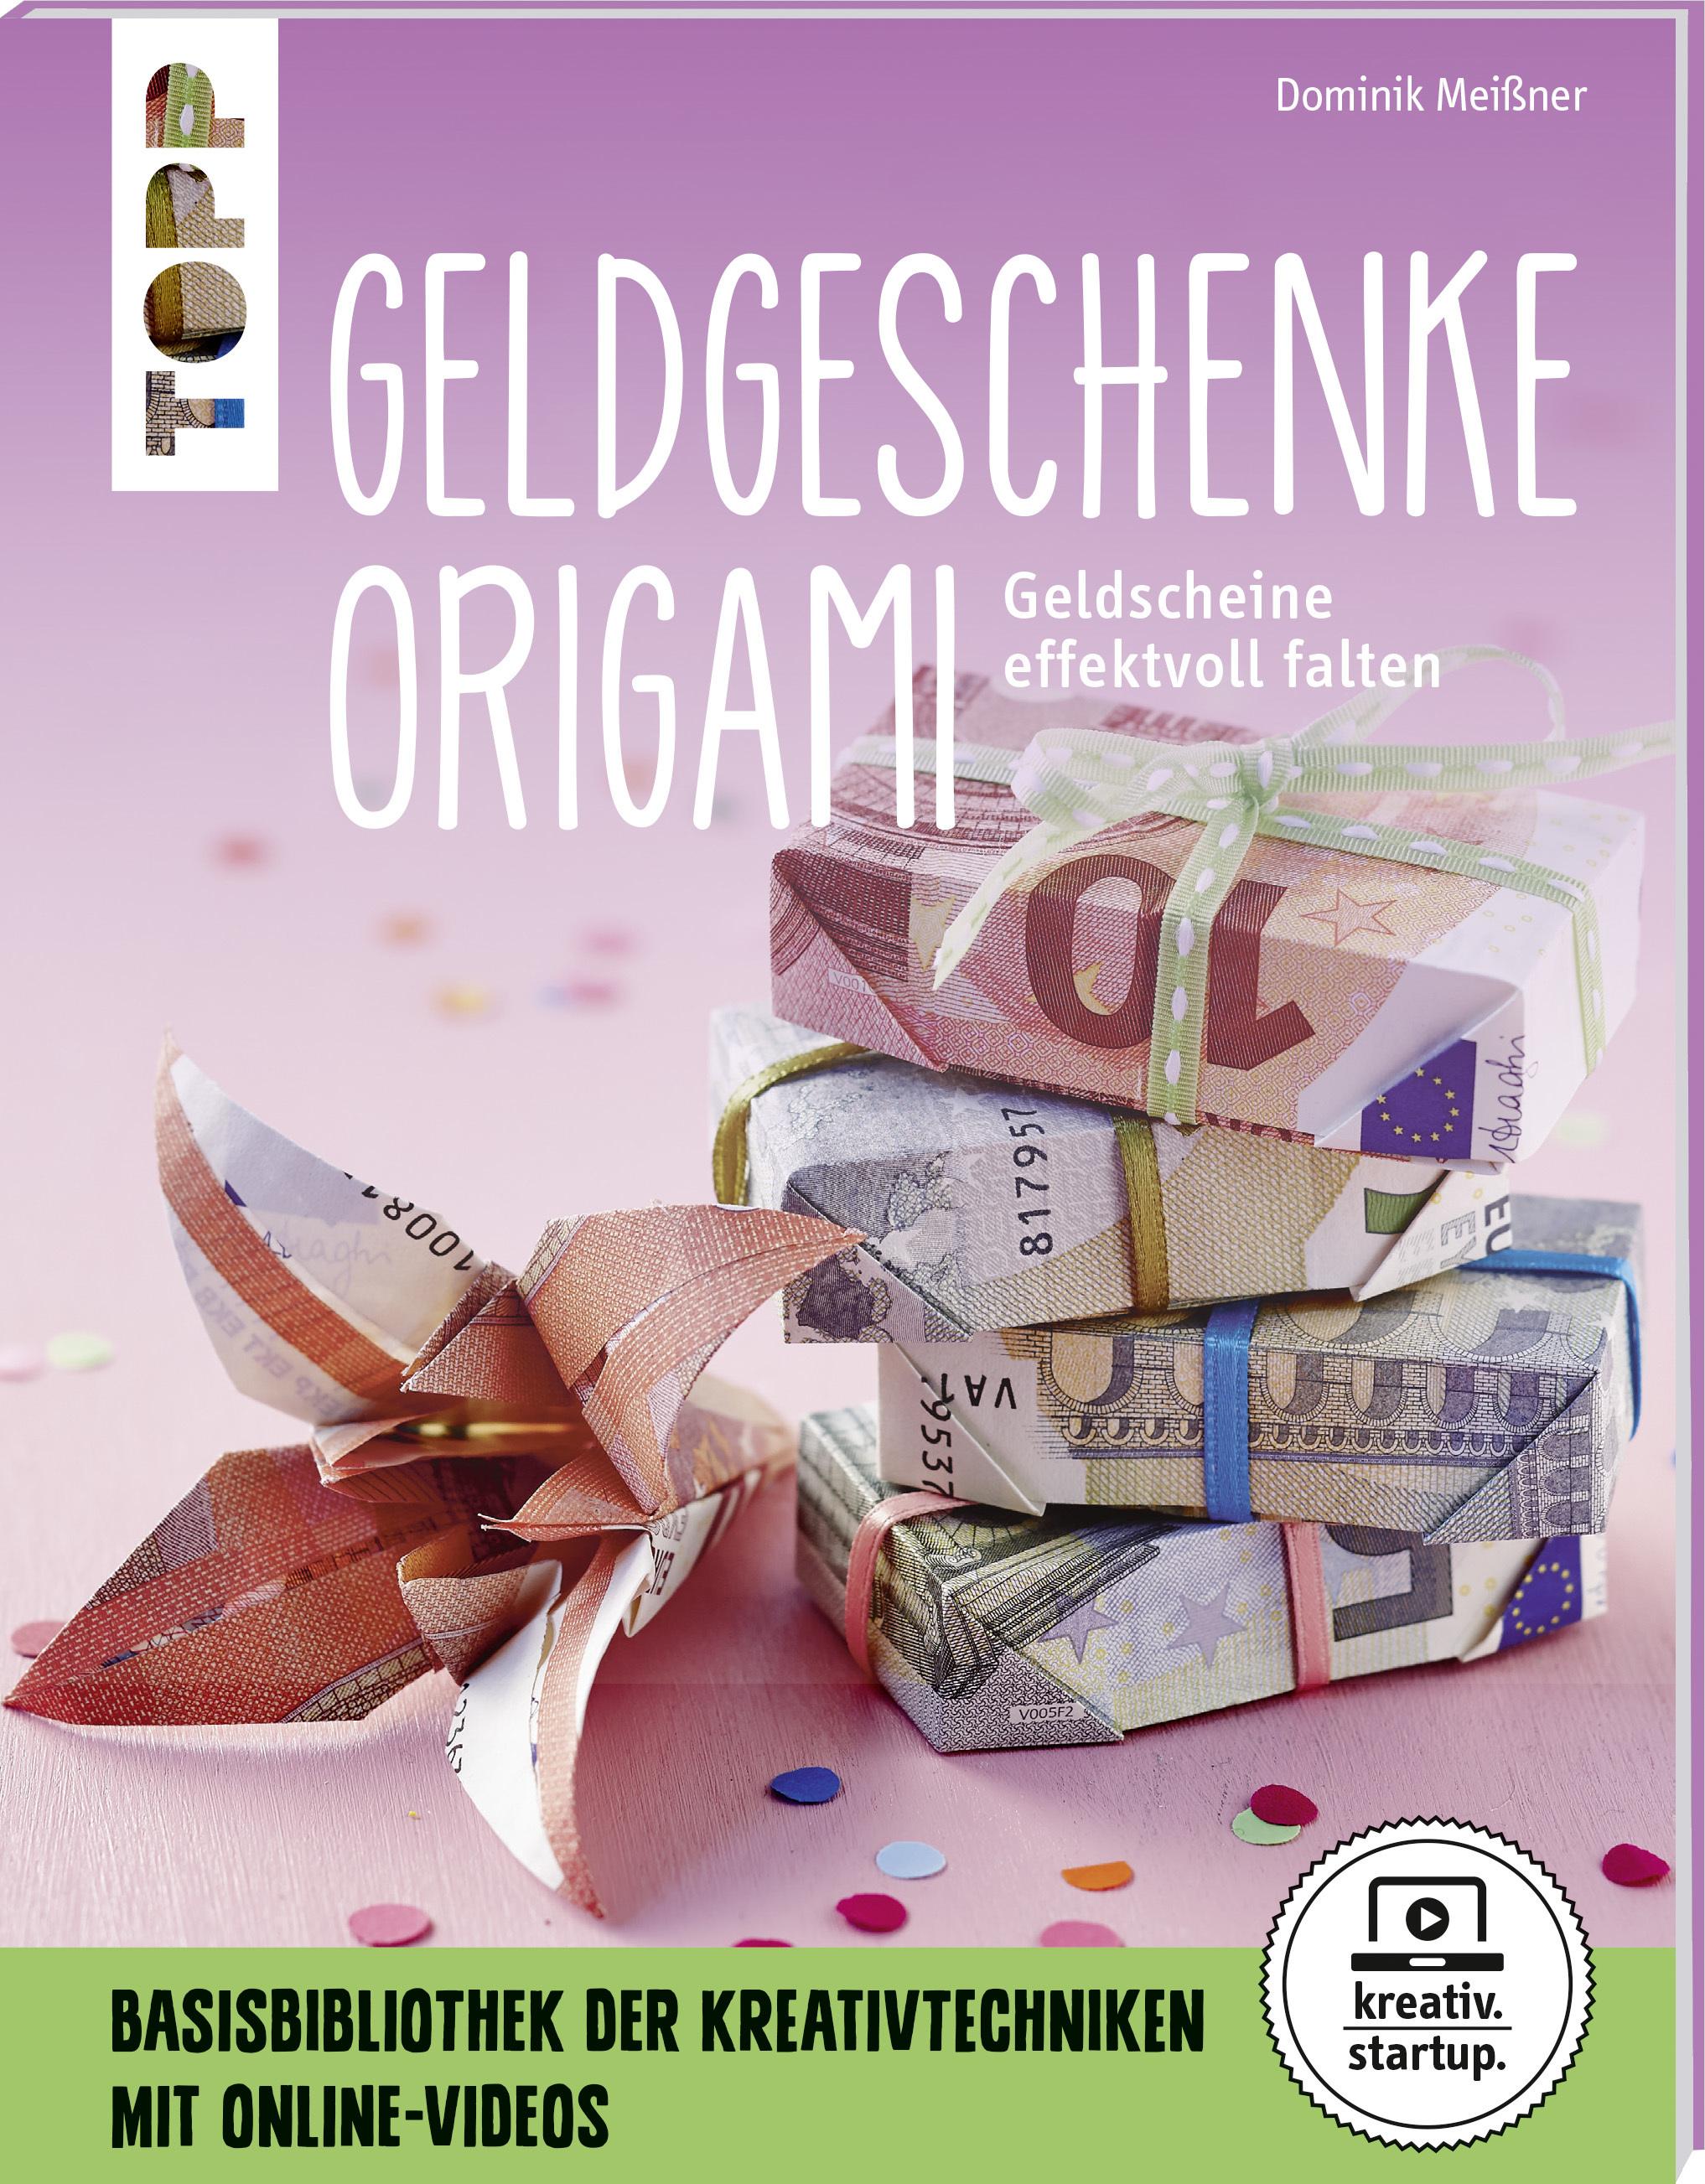 Geldgeschenke Origami Kreativ Startup Origami Papierfalten